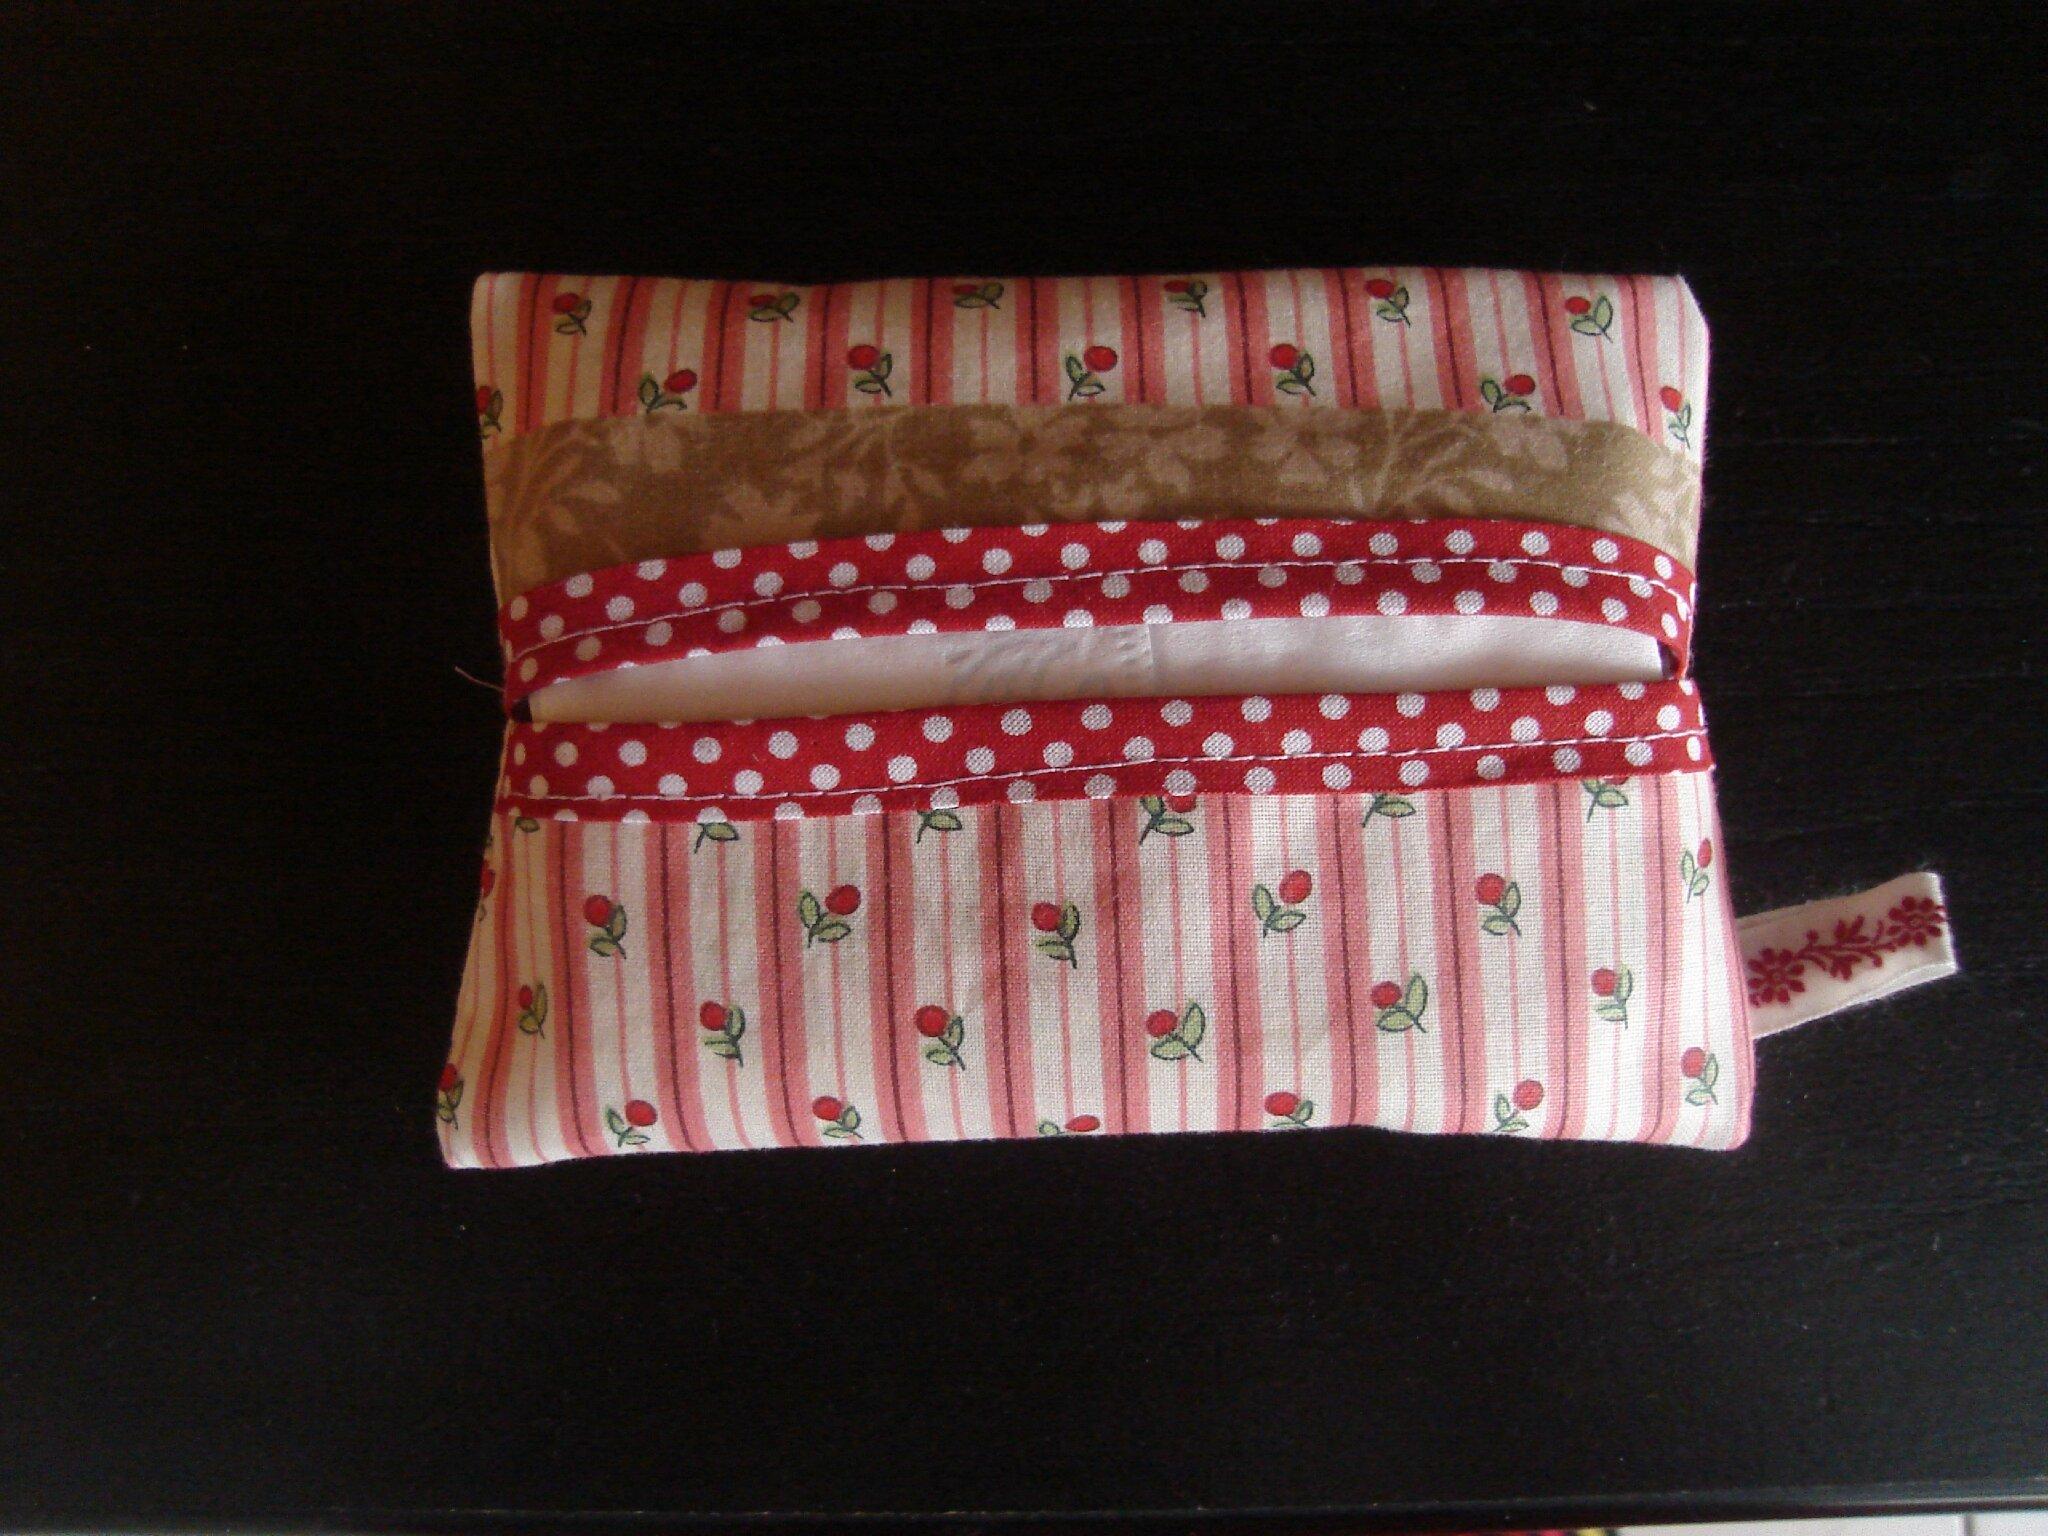 Pochette pour mouchoirs en papier c h e z m o u f f l e - Pochette en papier ...